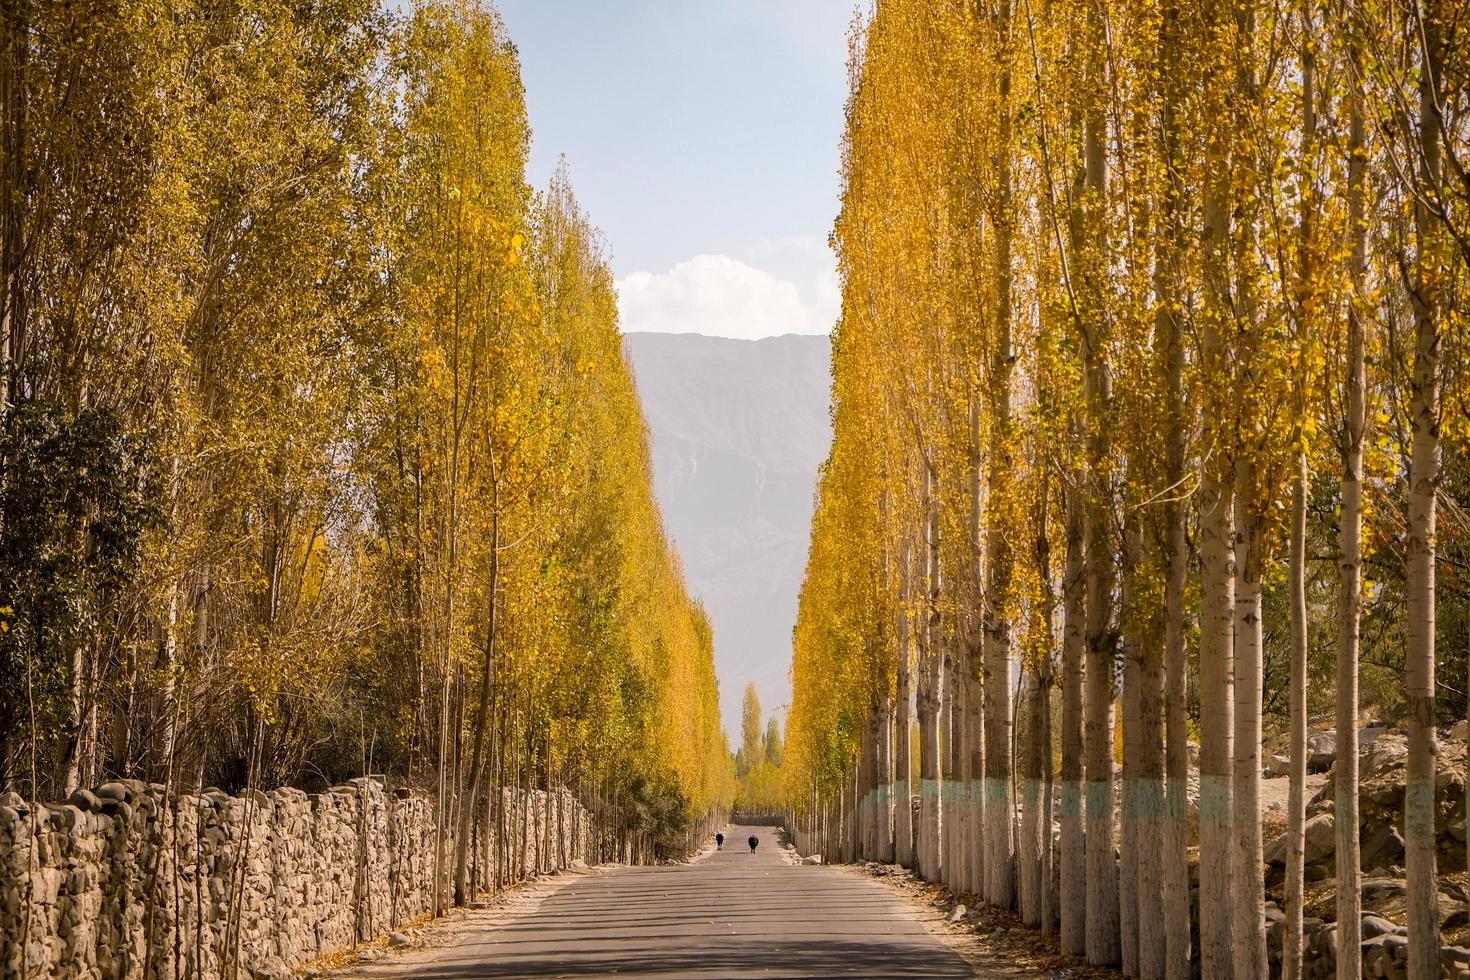 Road towards Khaplu in autumn in Ghowari village, Pakistan photo